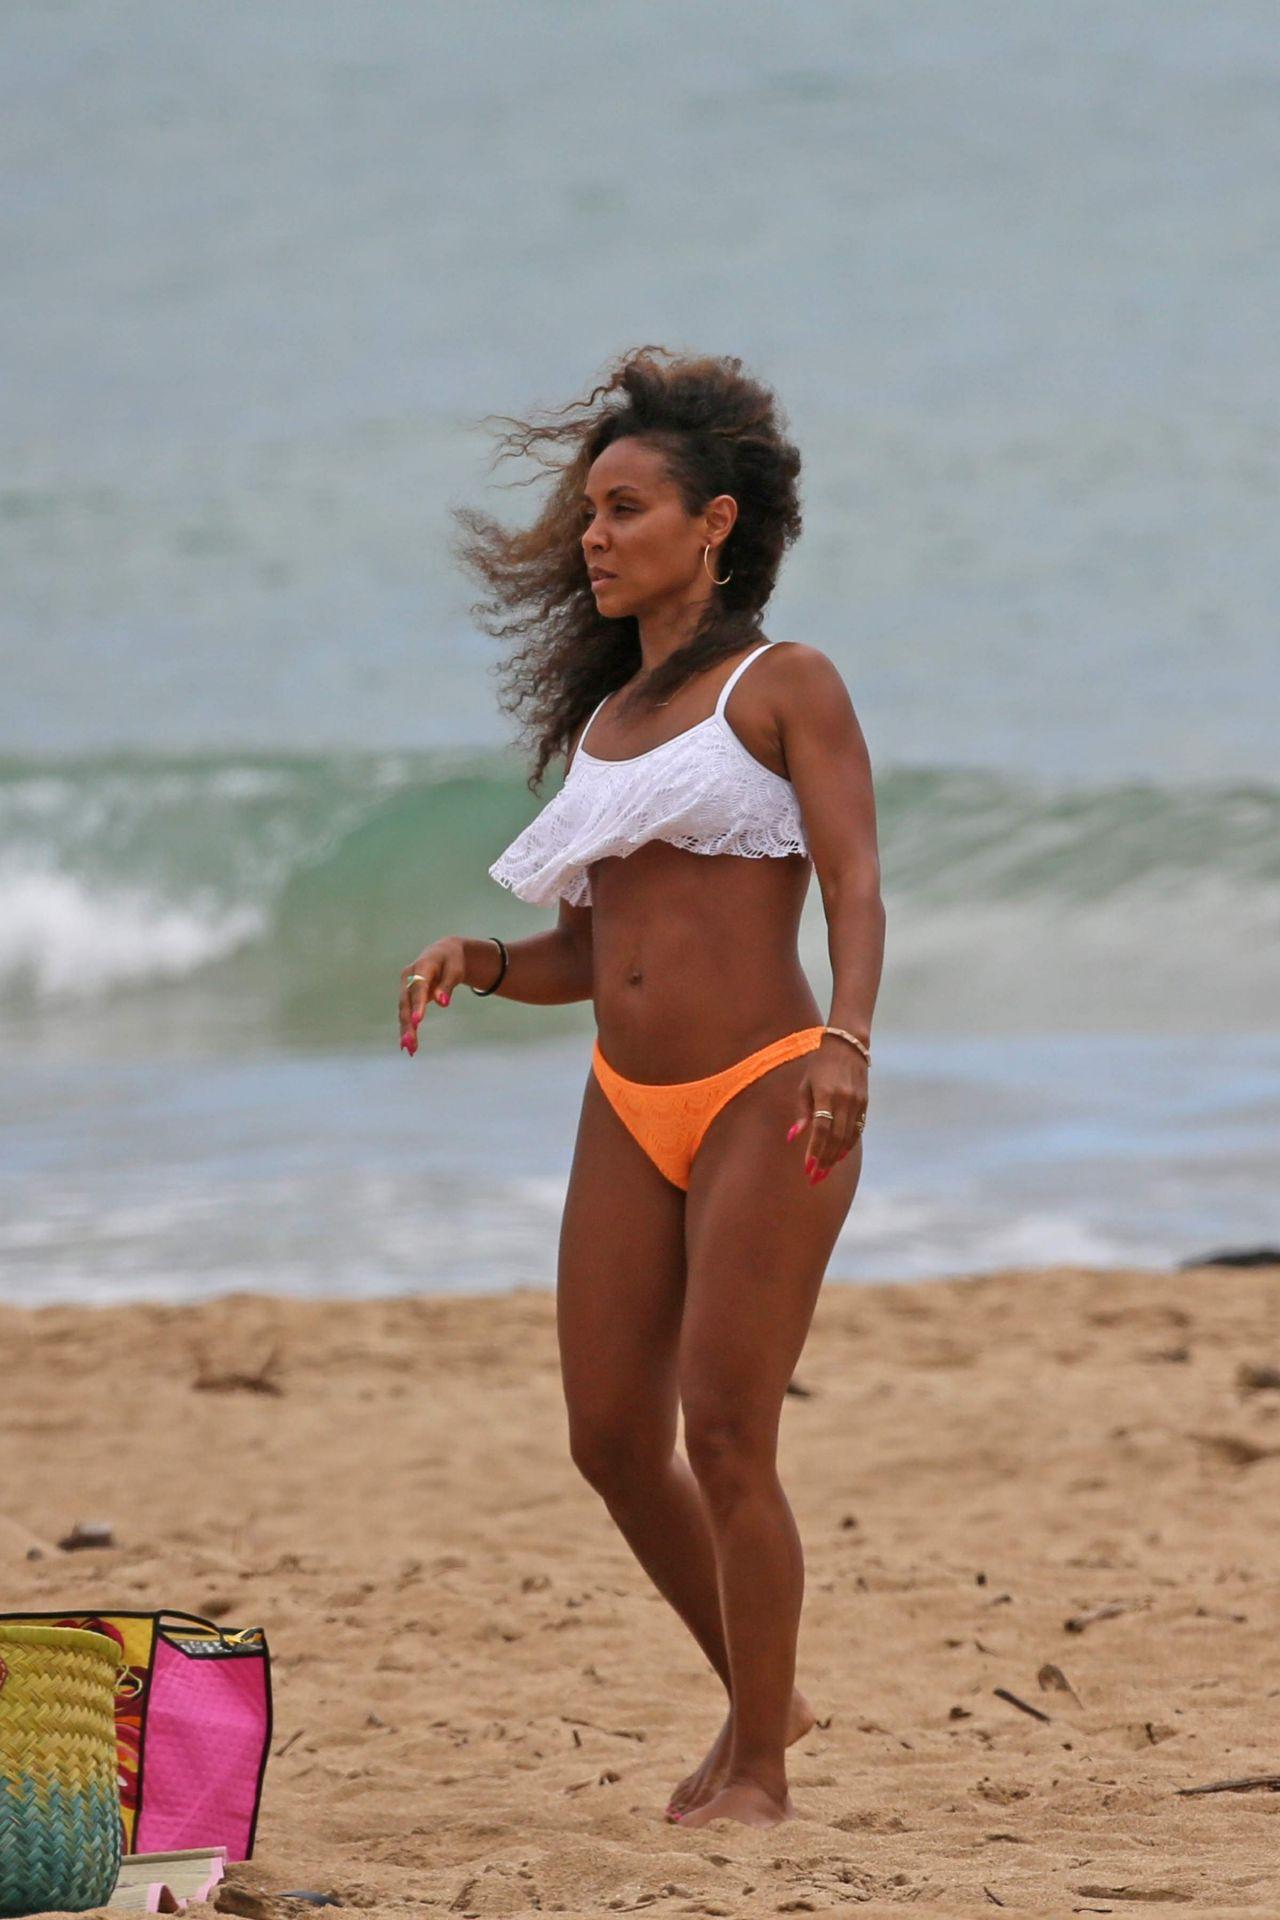 Фото ирины муромцевой на пляже